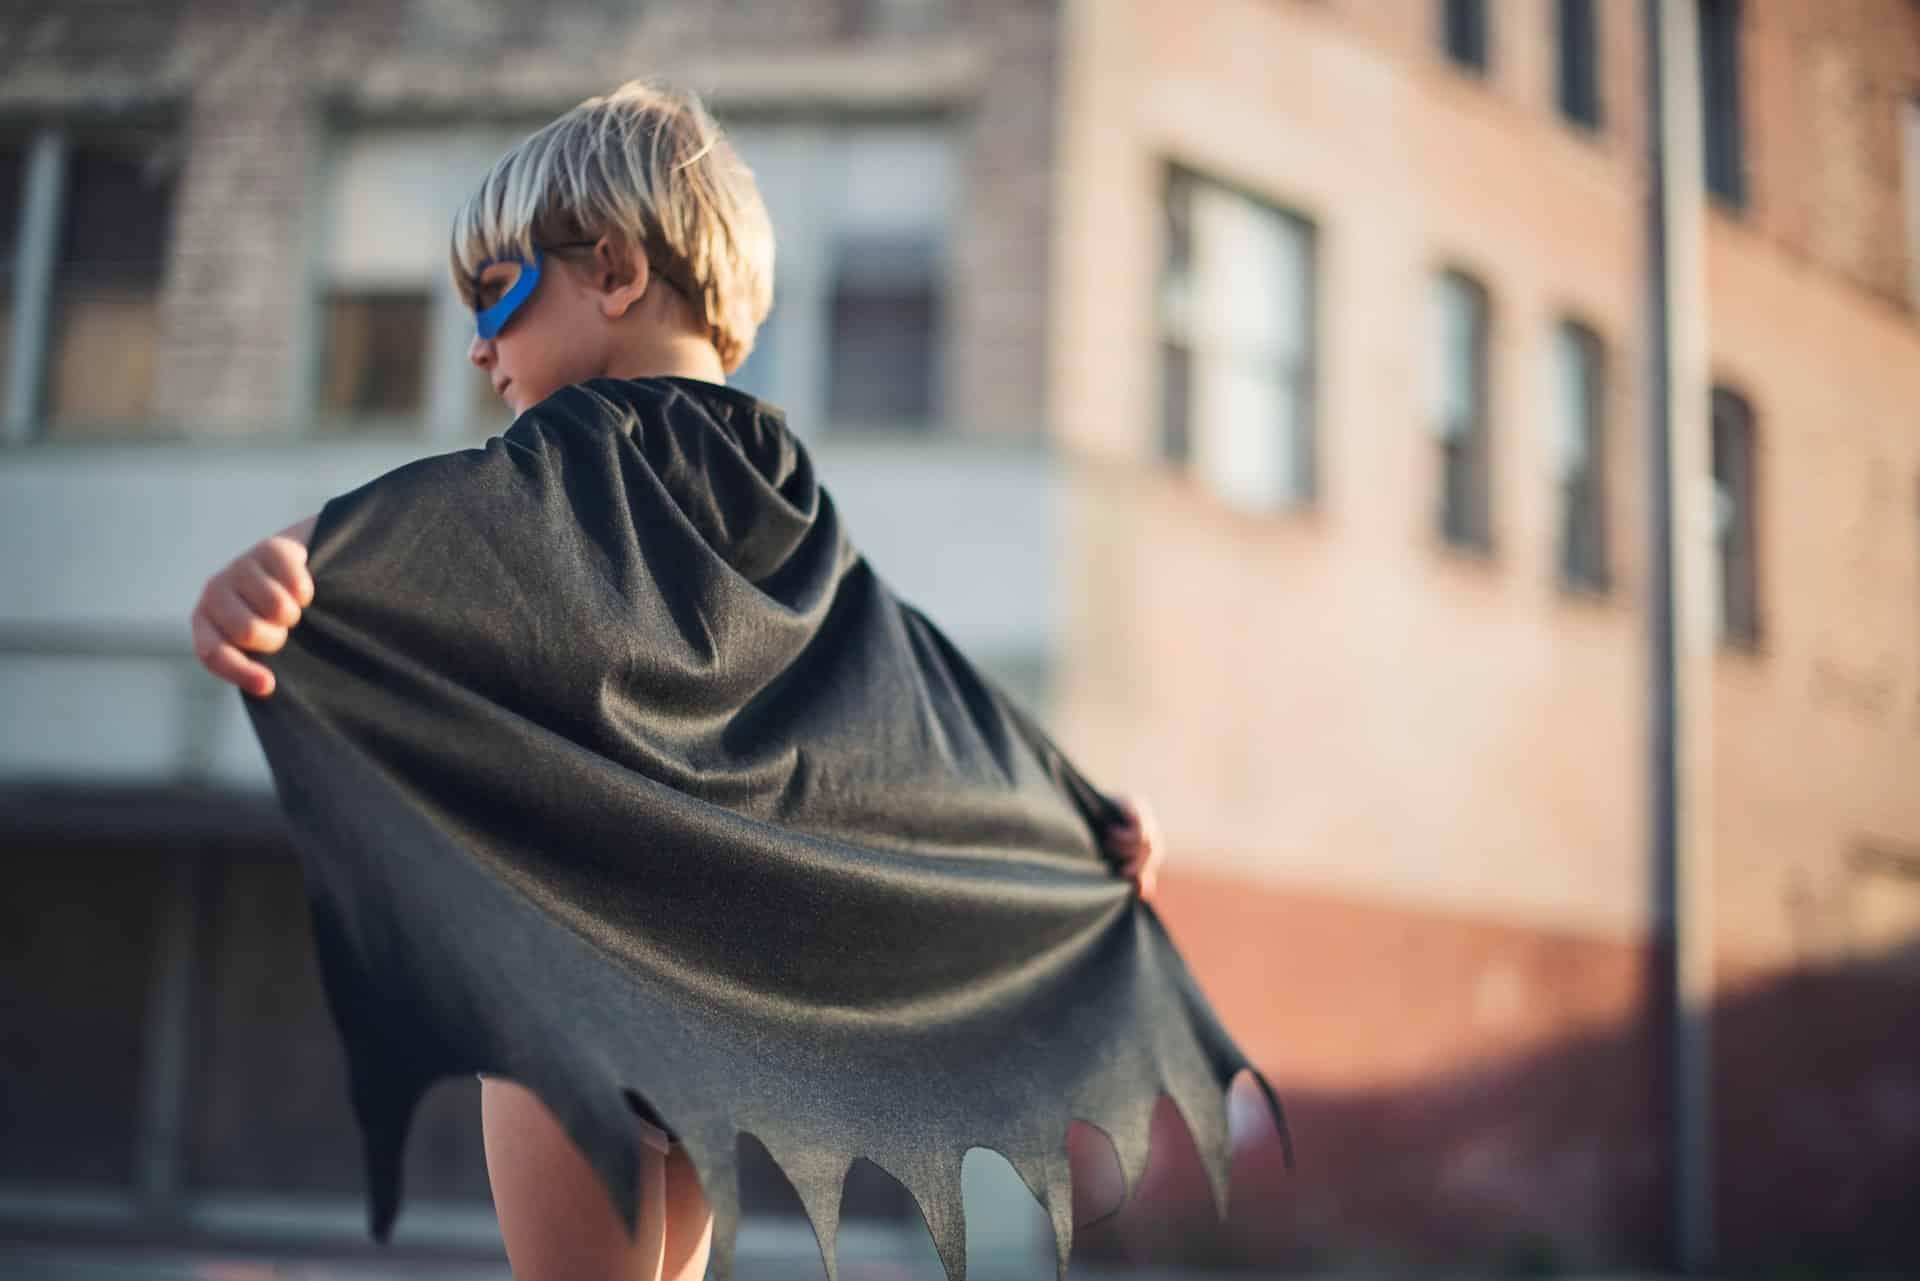 Ein kleiner Junge hat ein Halloween Kostüm an. Er hat die Arme weit ausgebreitet und man sieht den Batman Umhang.